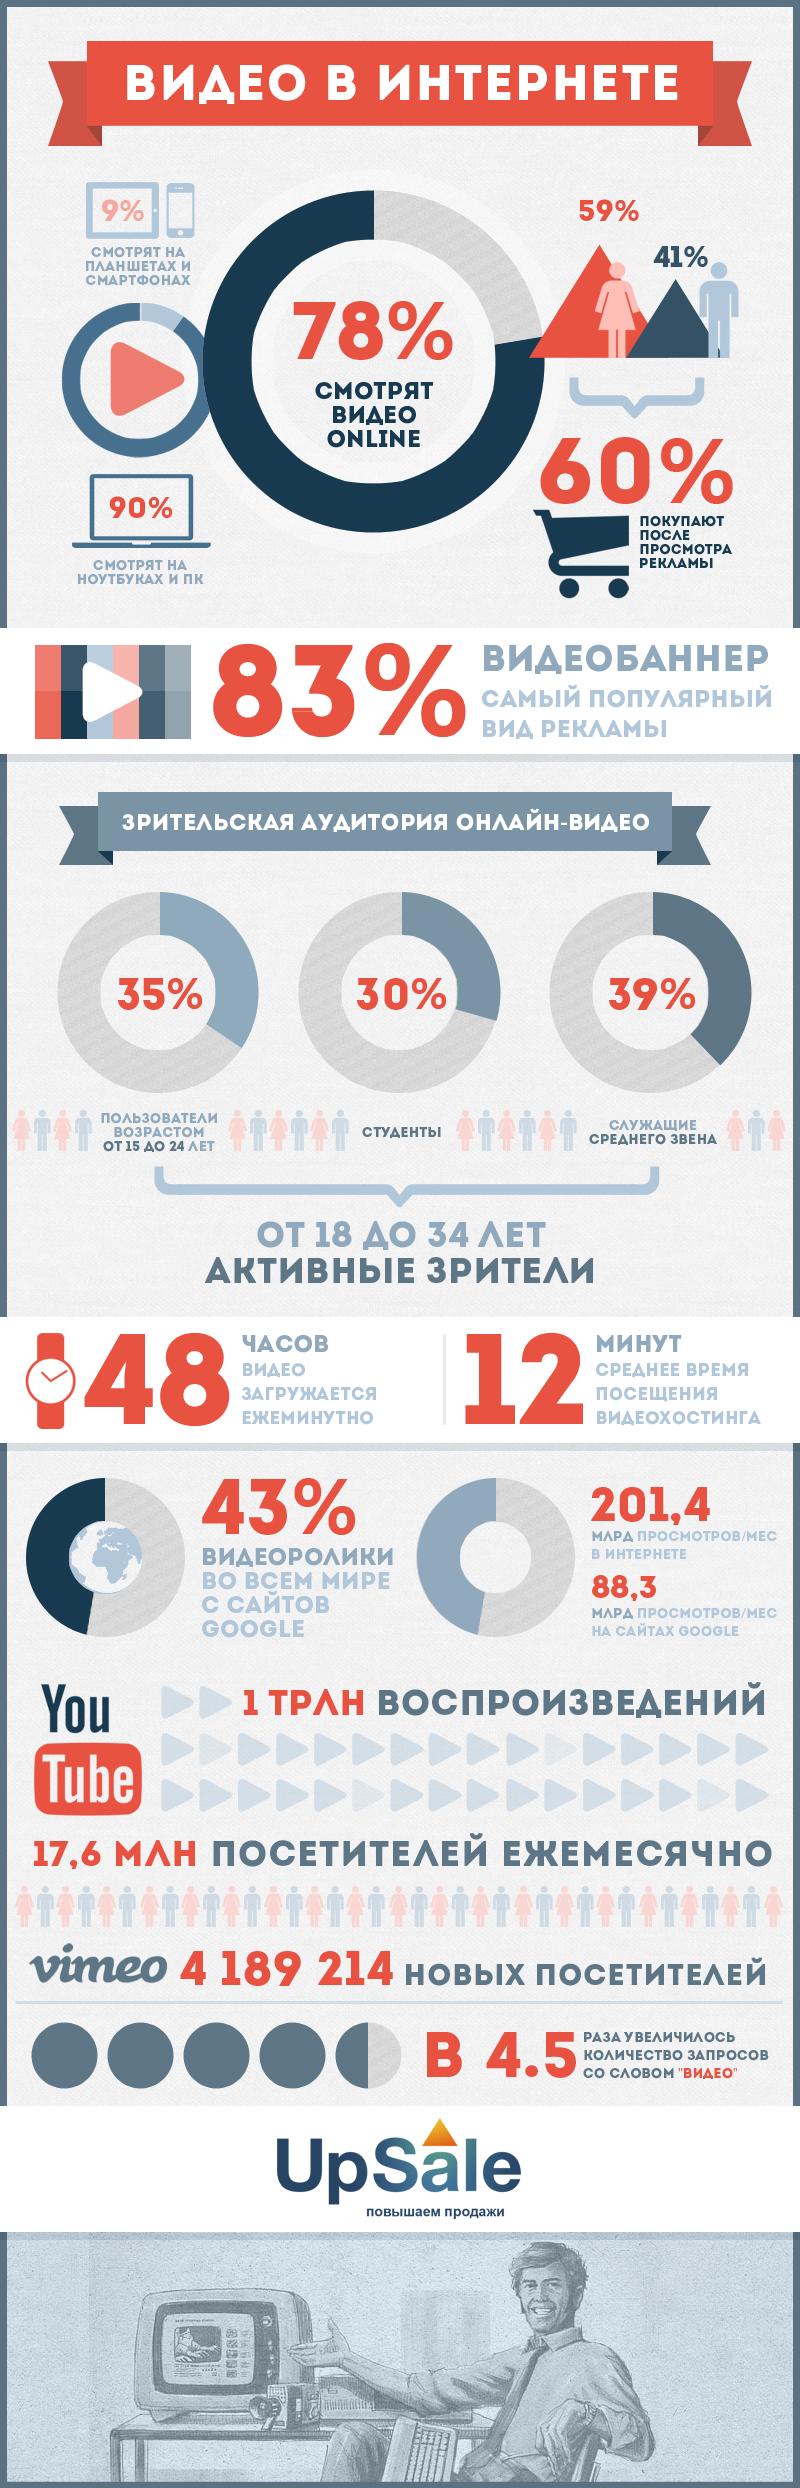 UpSale_инфографика